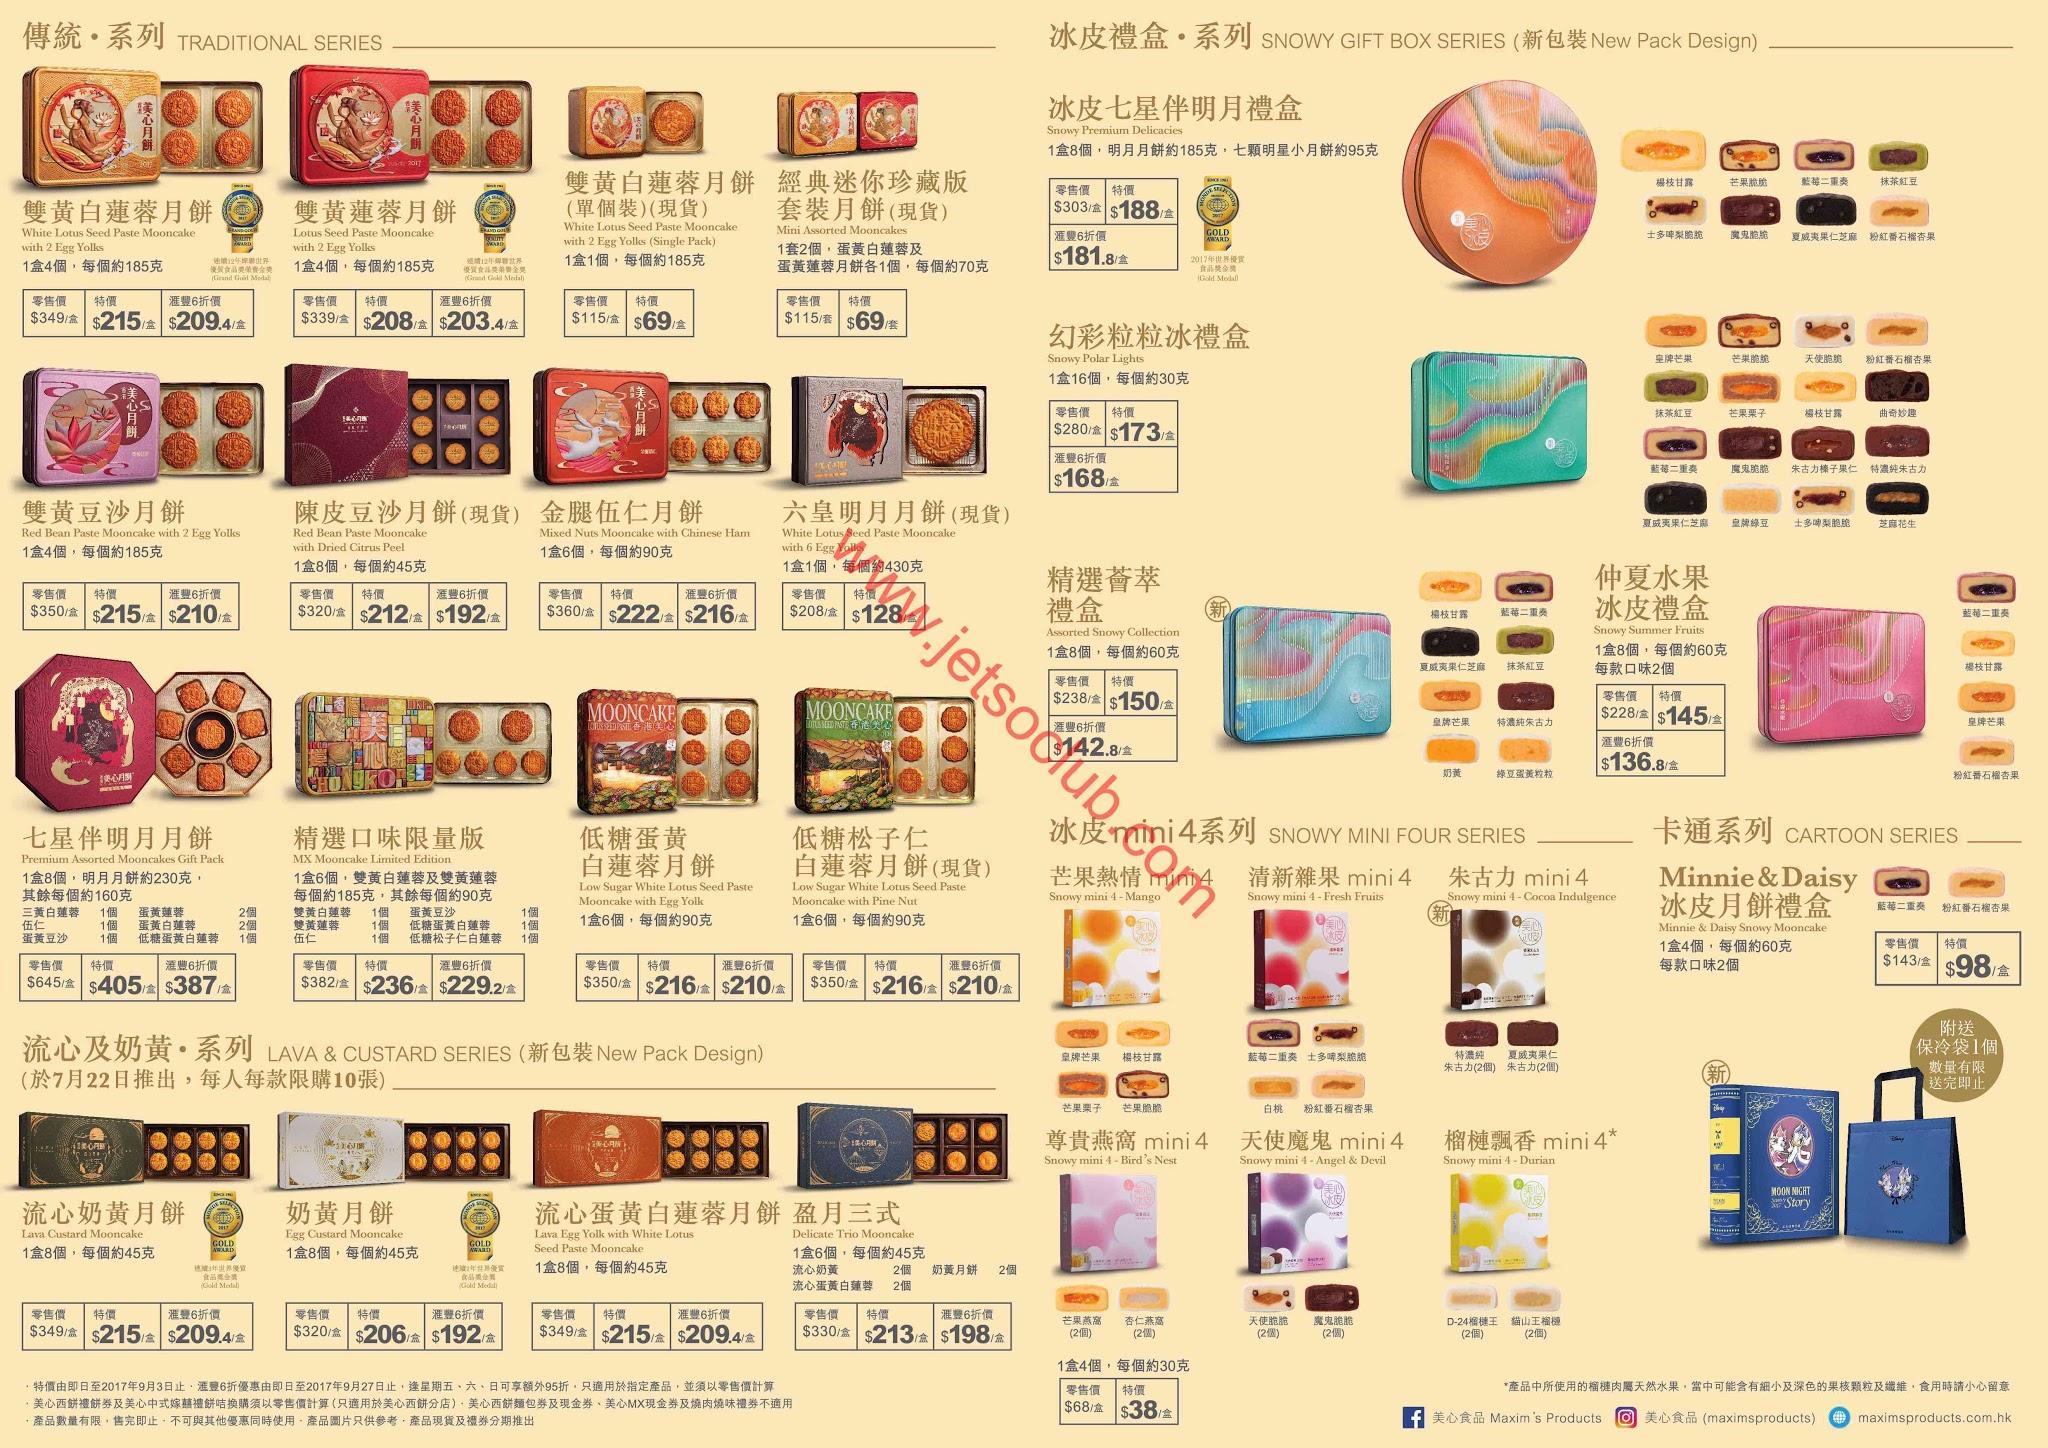 美心月餅:流心及奶黃月餅系列禮券 7月22日公開發售 ( Jetso Club 著數俱樂部 )